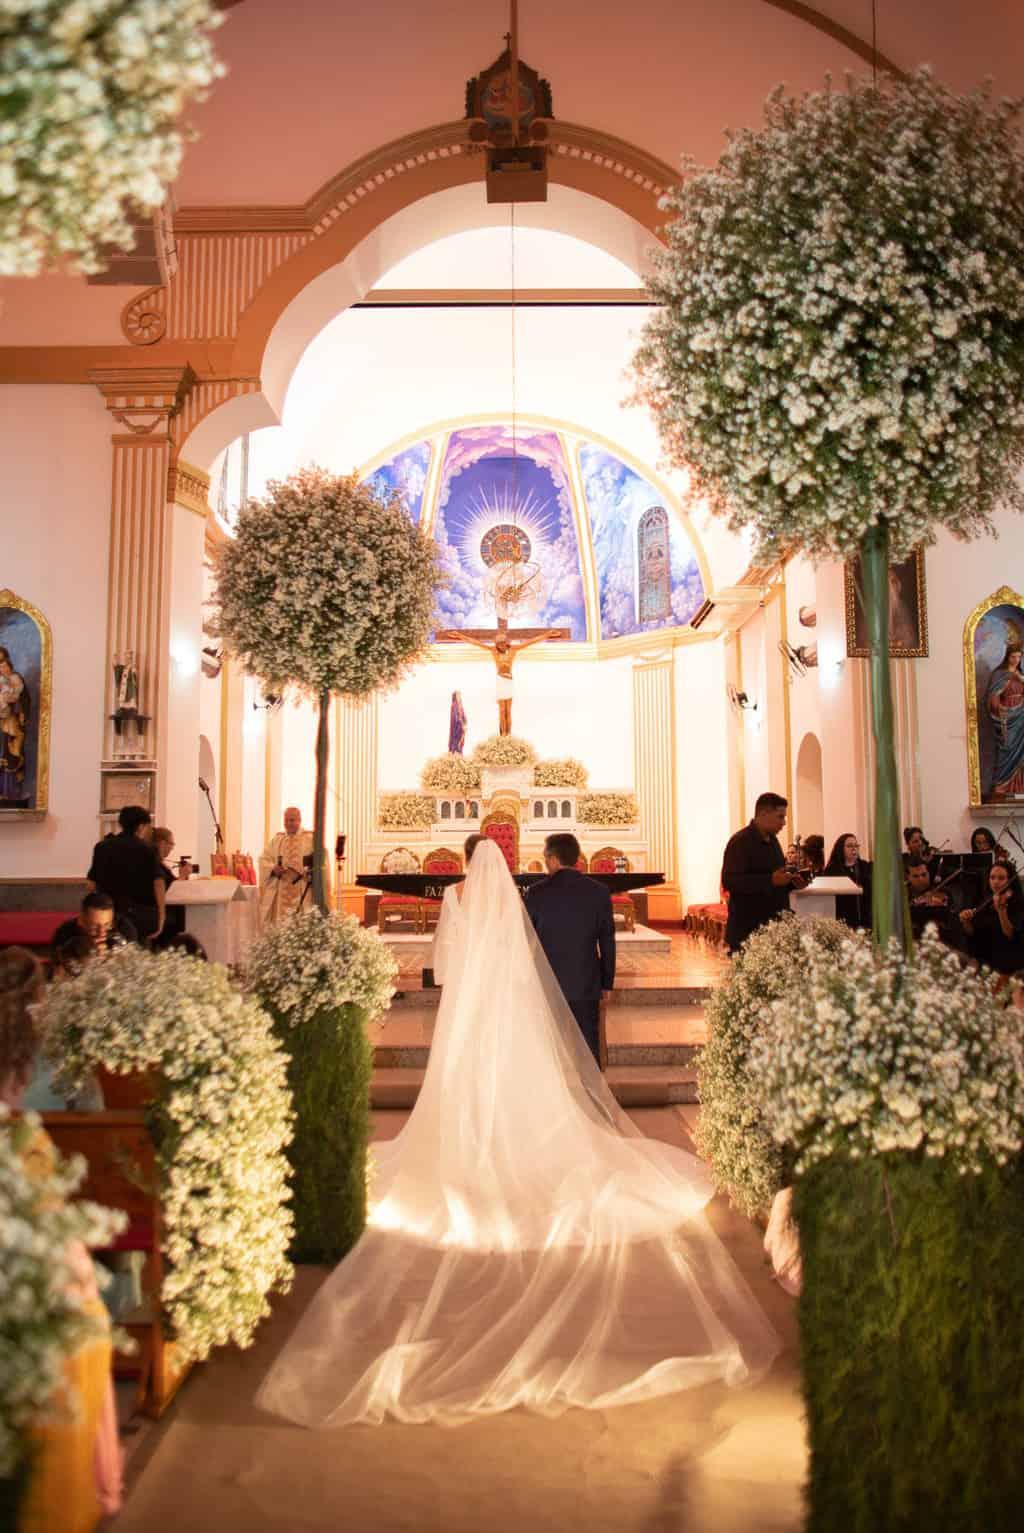 Casamento-Claudia-e-Afonso-Golden-Class-Regina-Aoki-Eurides-Aoki-Carol-Rezek-Renata-Velloso-29